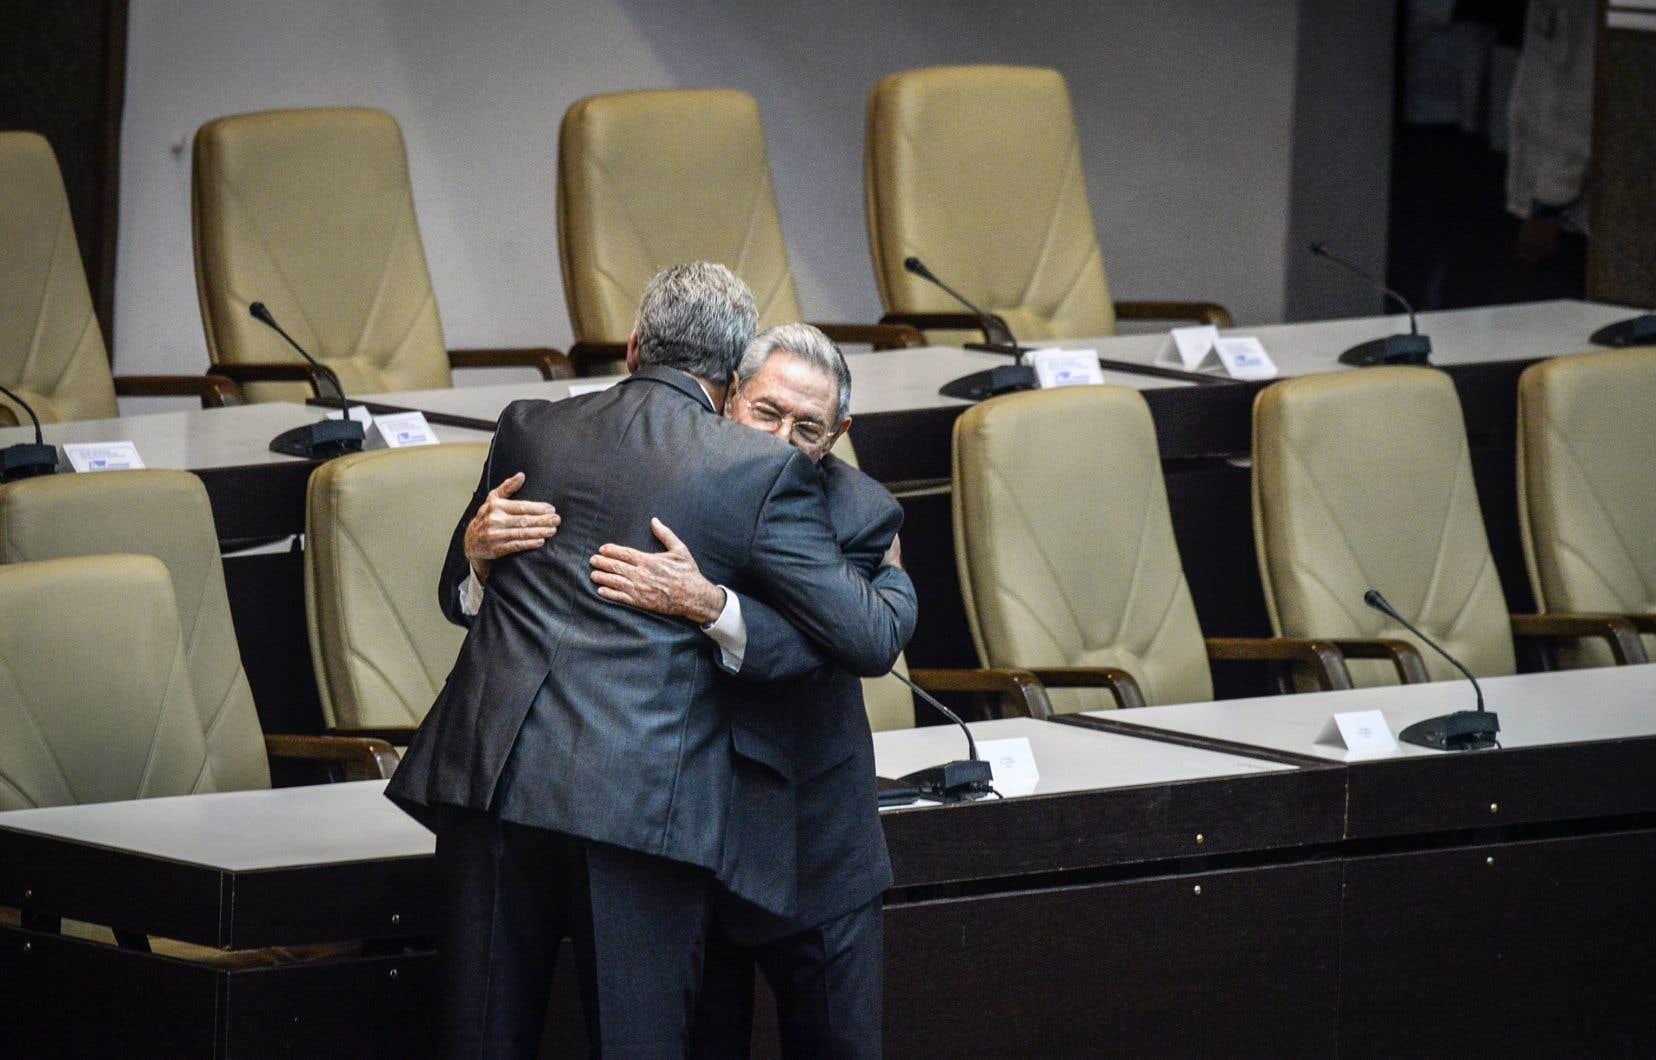 Le président sortant, Raúl Castro, enlaçant son successeur, Miguel Díaz-Canel, à l'Assemblée nationale de La Havane, jeudi